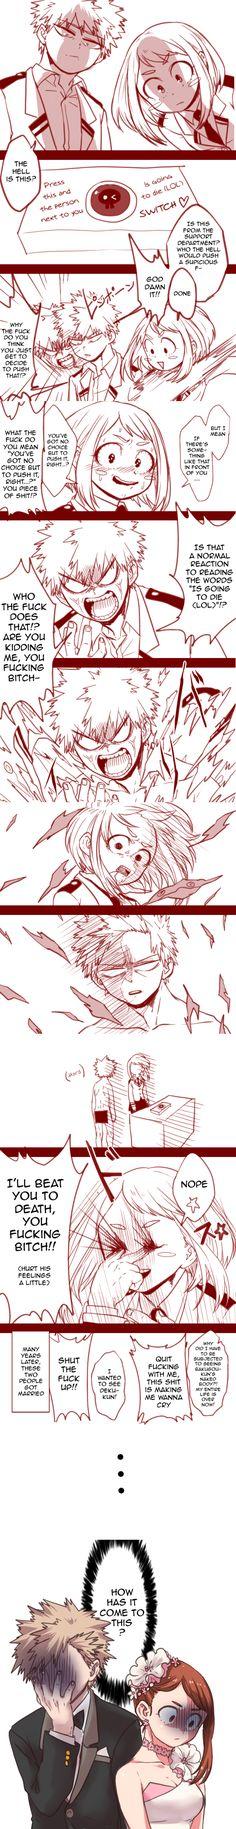 Boku no Hero Academia || Uraraka Ochako || Bakugou Katsuki